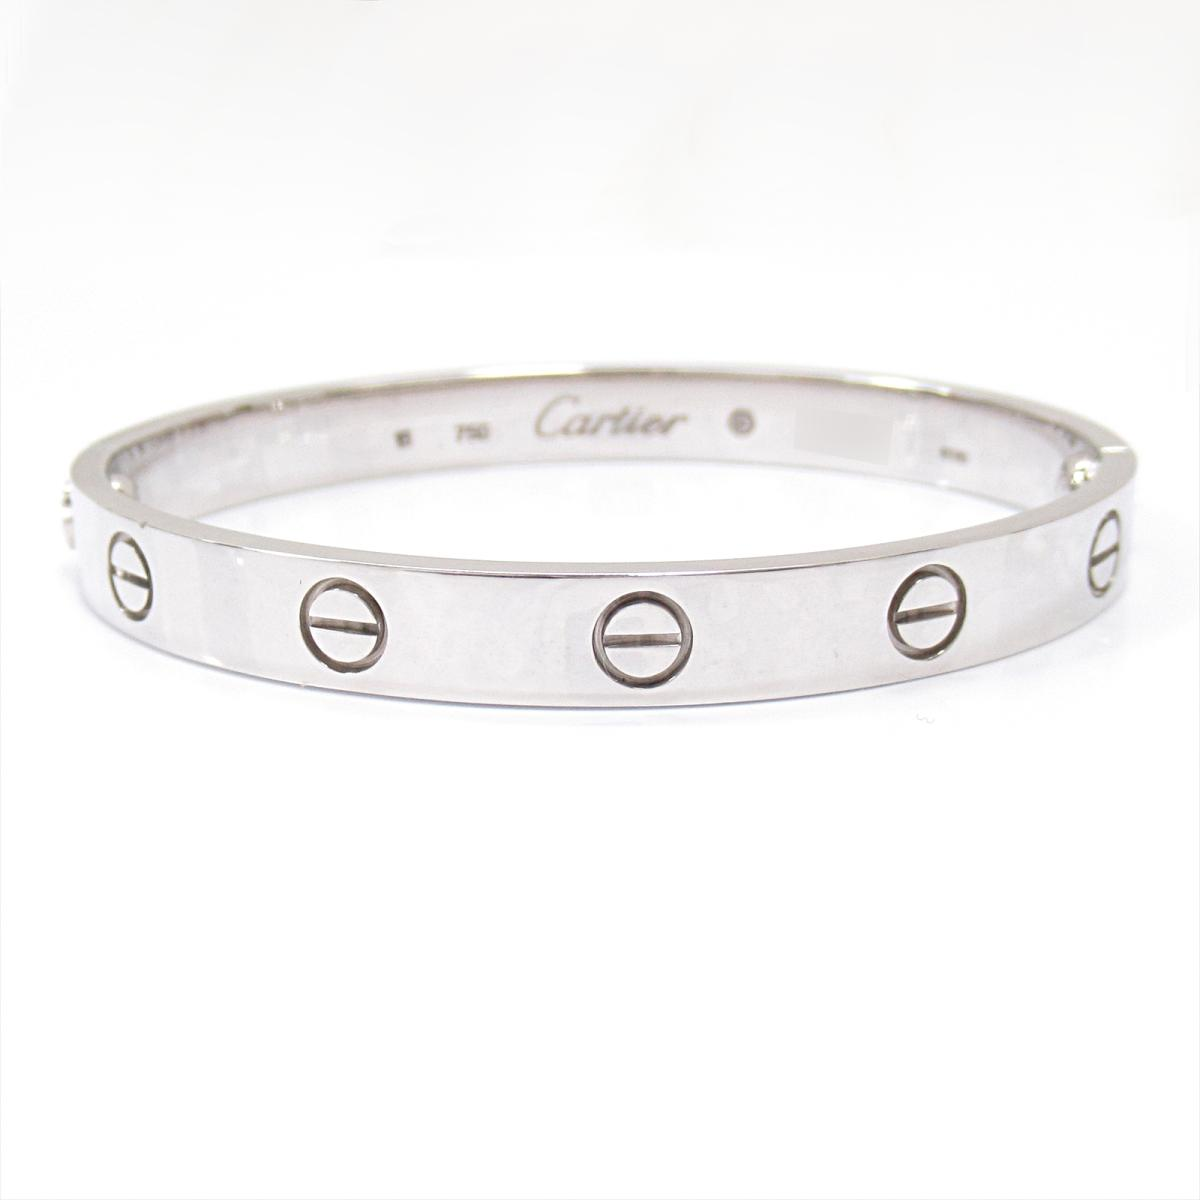 【中古】 カルティエ ラブブレス ブレスレット メンズ レディース K18WG (750) ホワイトゴールド | Cartier BRANDOFF ブランドオフ ブランド アクセサリー 腕輪